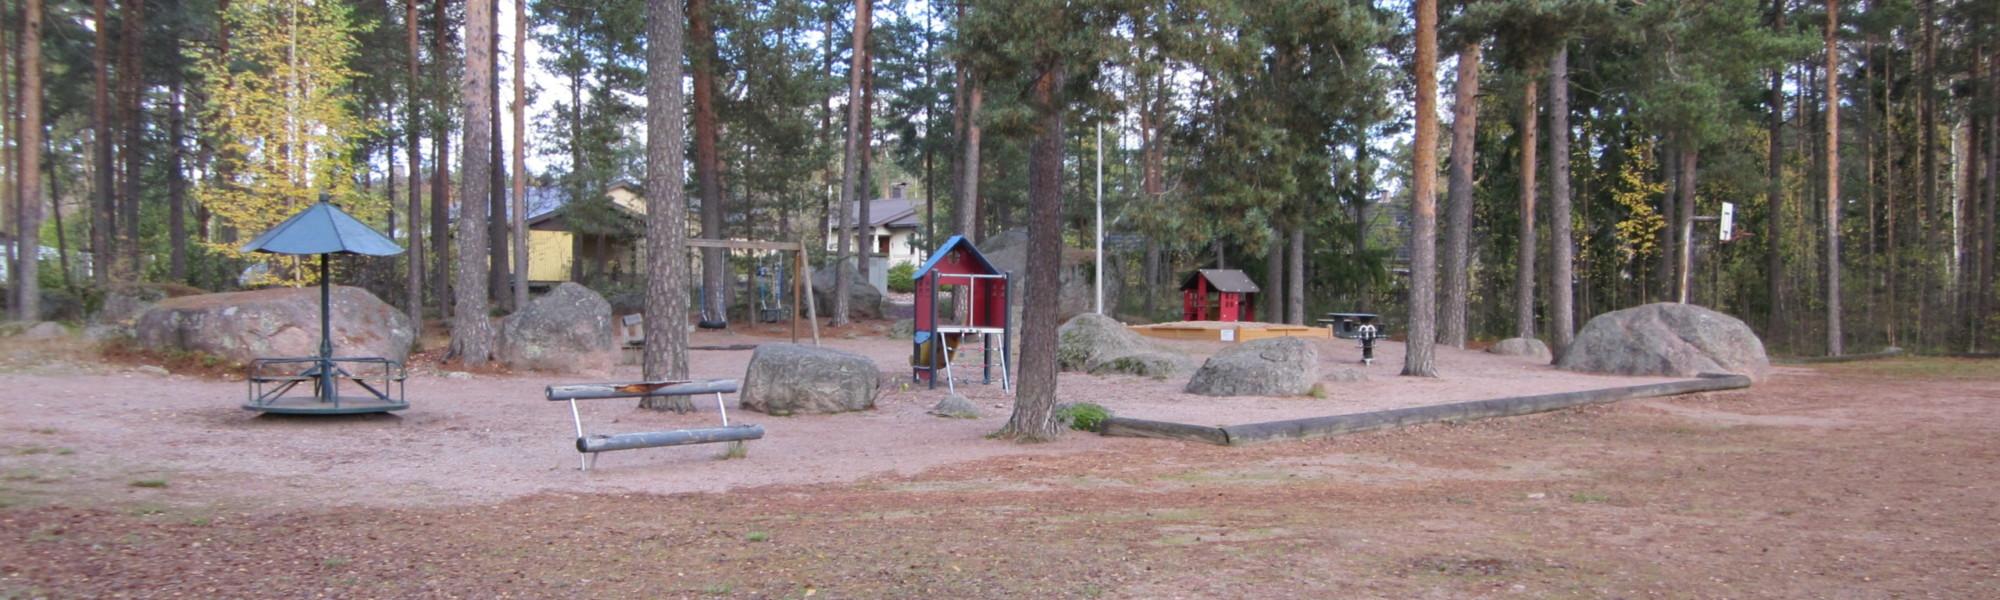 Kuvassa on Maitikkatien leikkipaikka